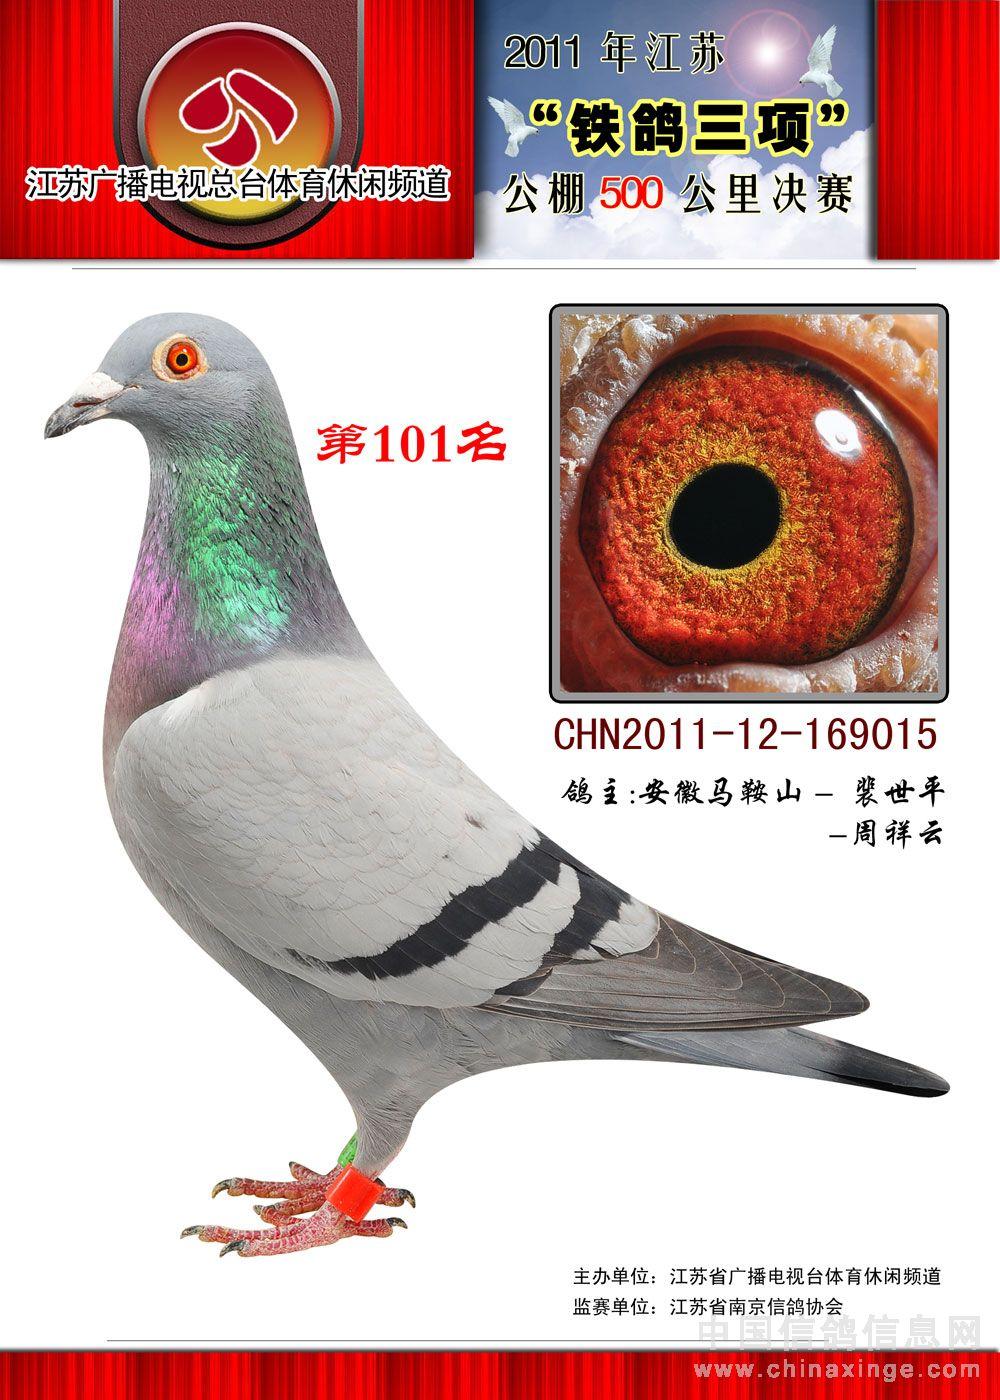 信鸽特征-狼狗号曾孙女 江苏电视台决赛101名